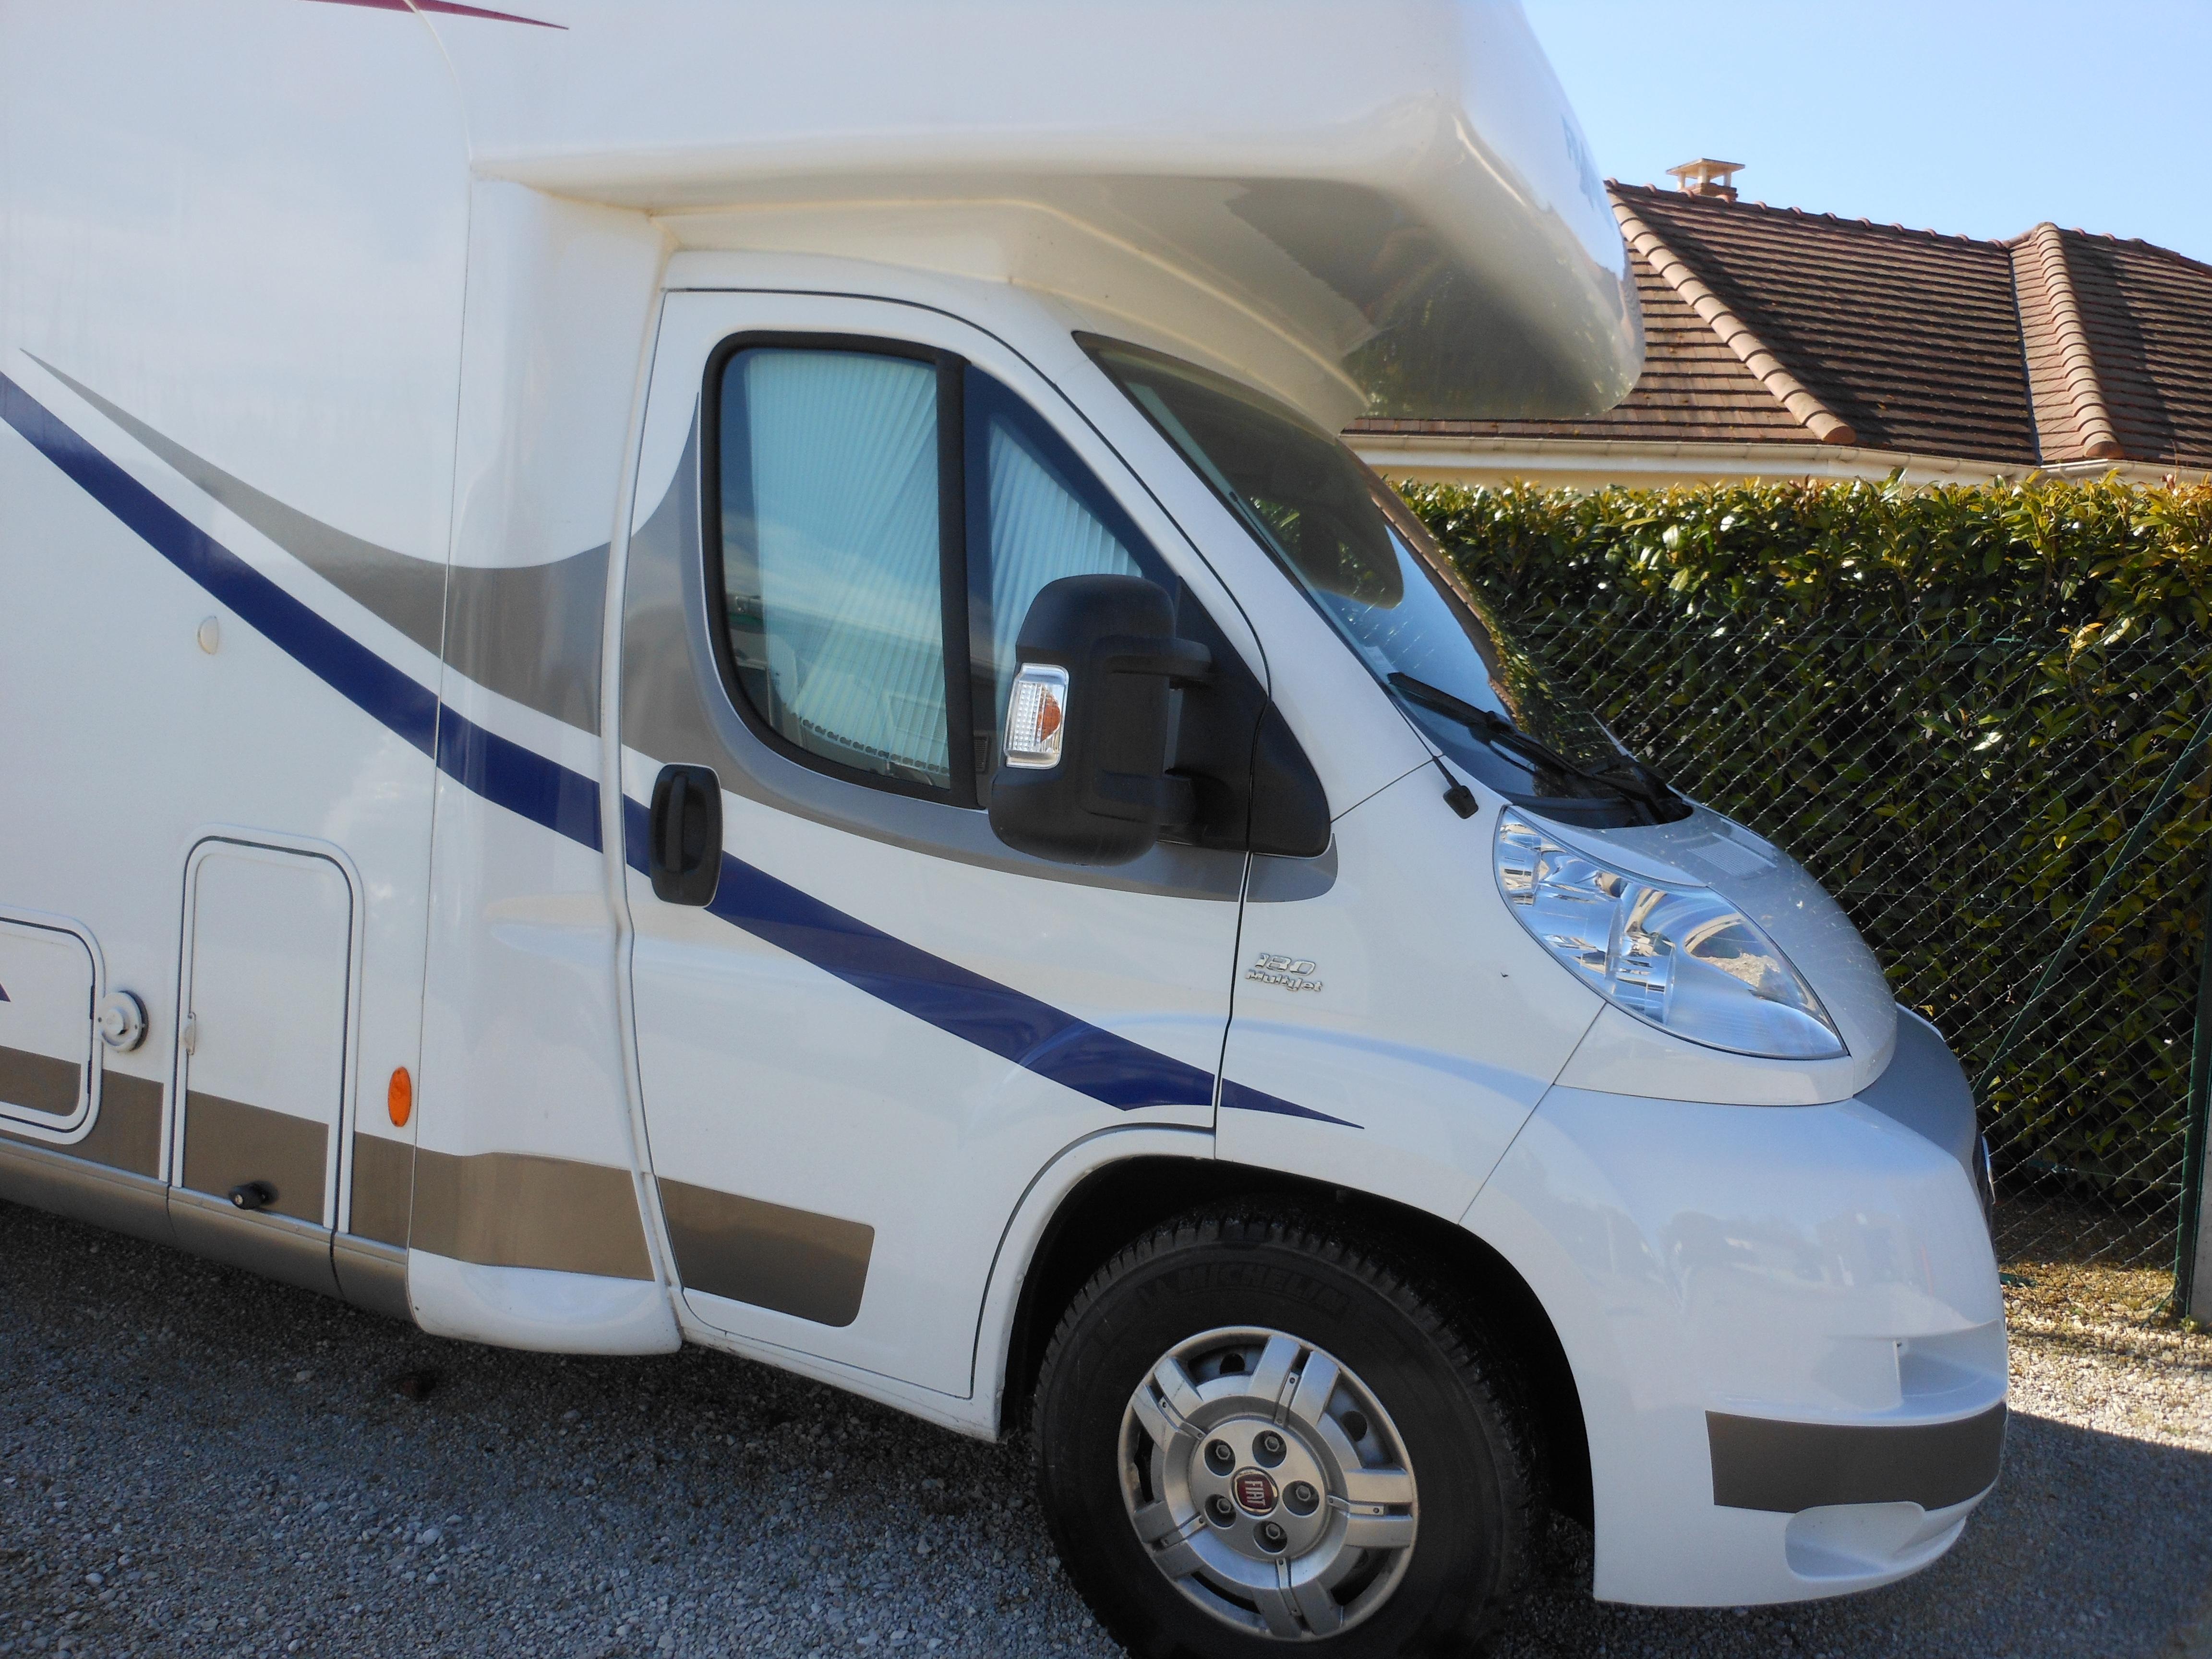 frankia a 50 plus occasion de 2012 fiat camping car en vente saint pouange troyes aube 10. Black Bedroom Furniture Sets. Home Design Ideas